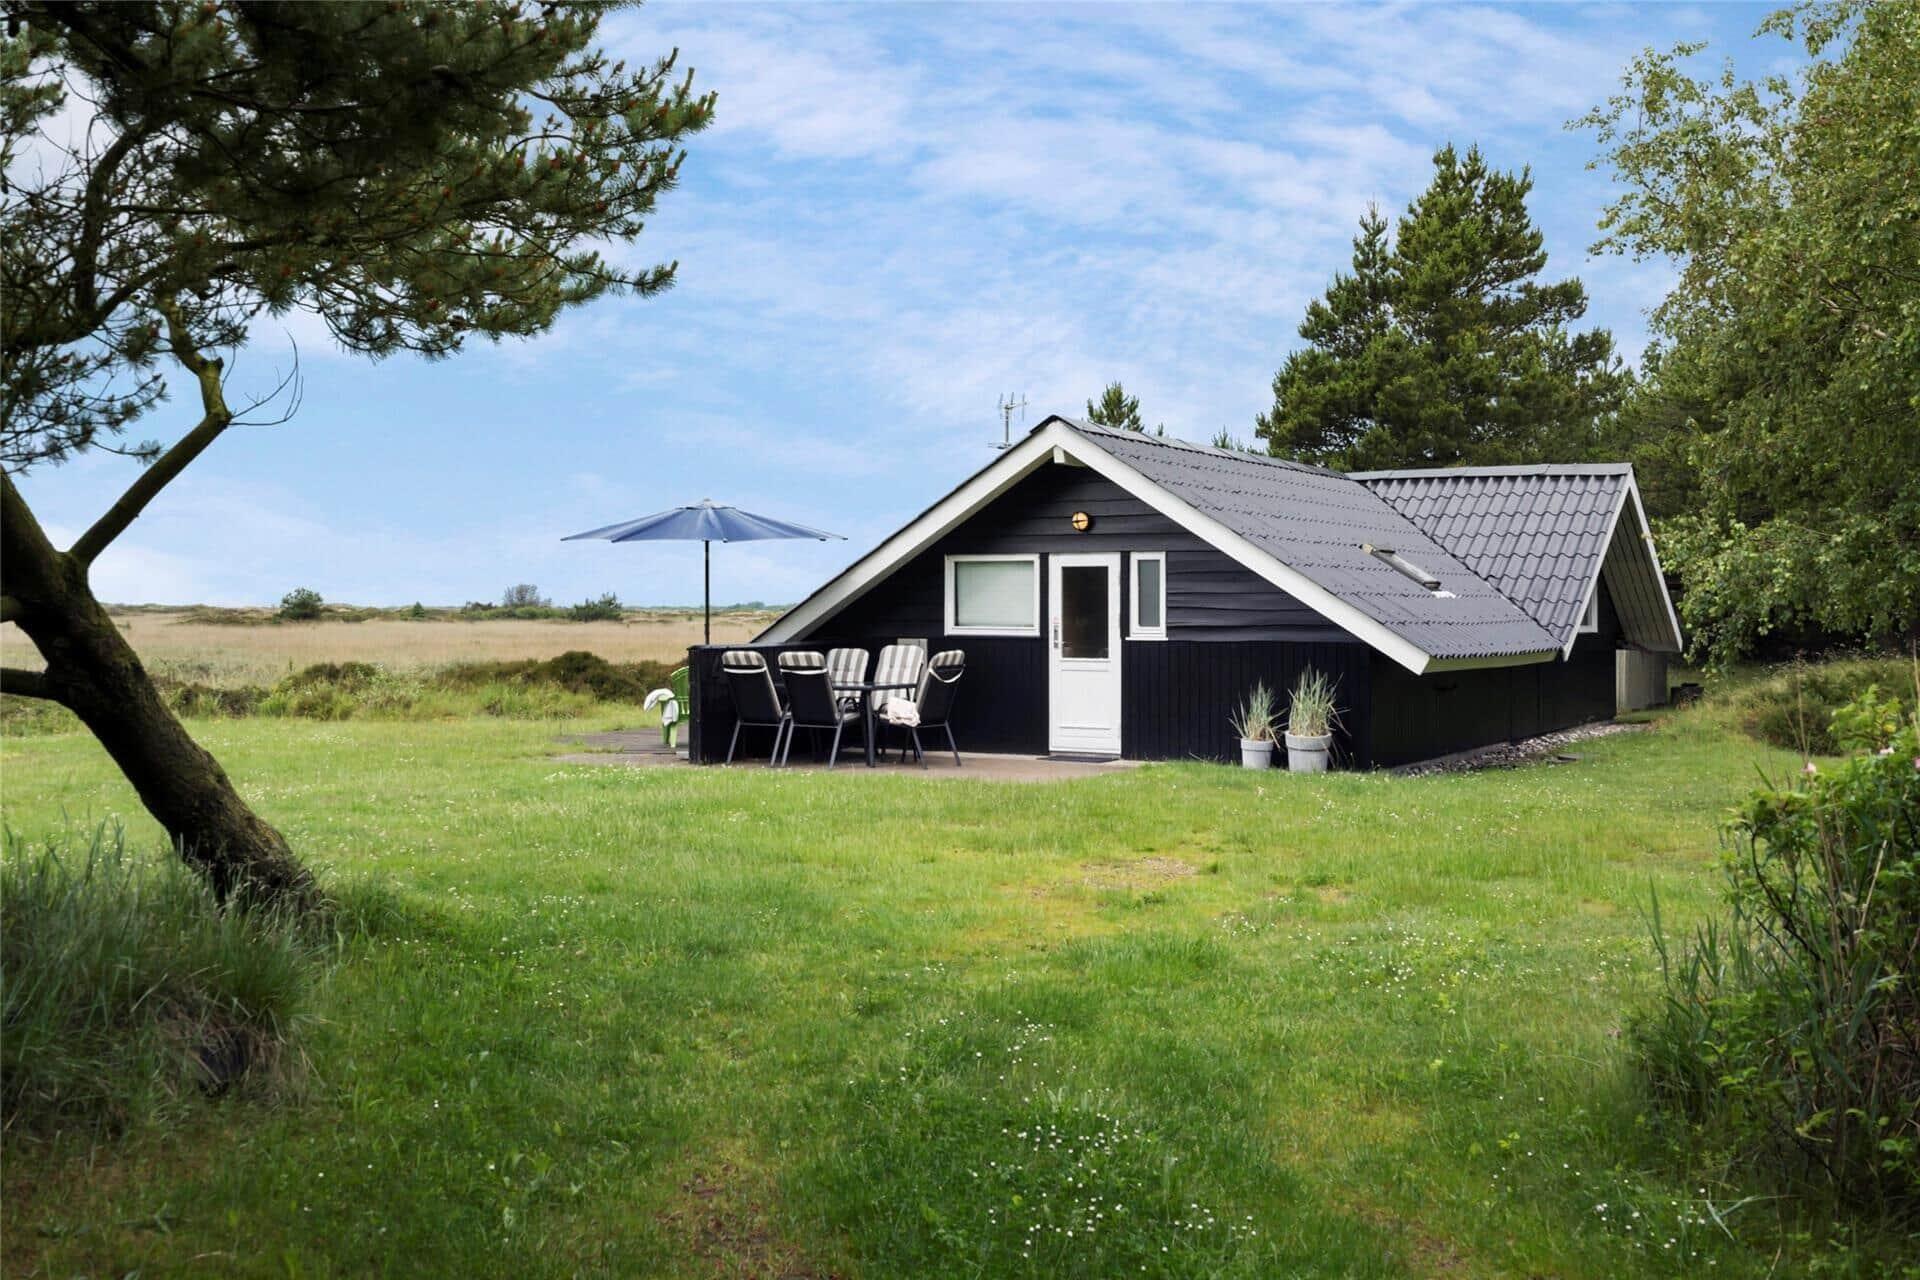 Billede 1-11 Sommerhus 0161, Ejnar Mikkelsensvej 4, DK - 6792 Rømø